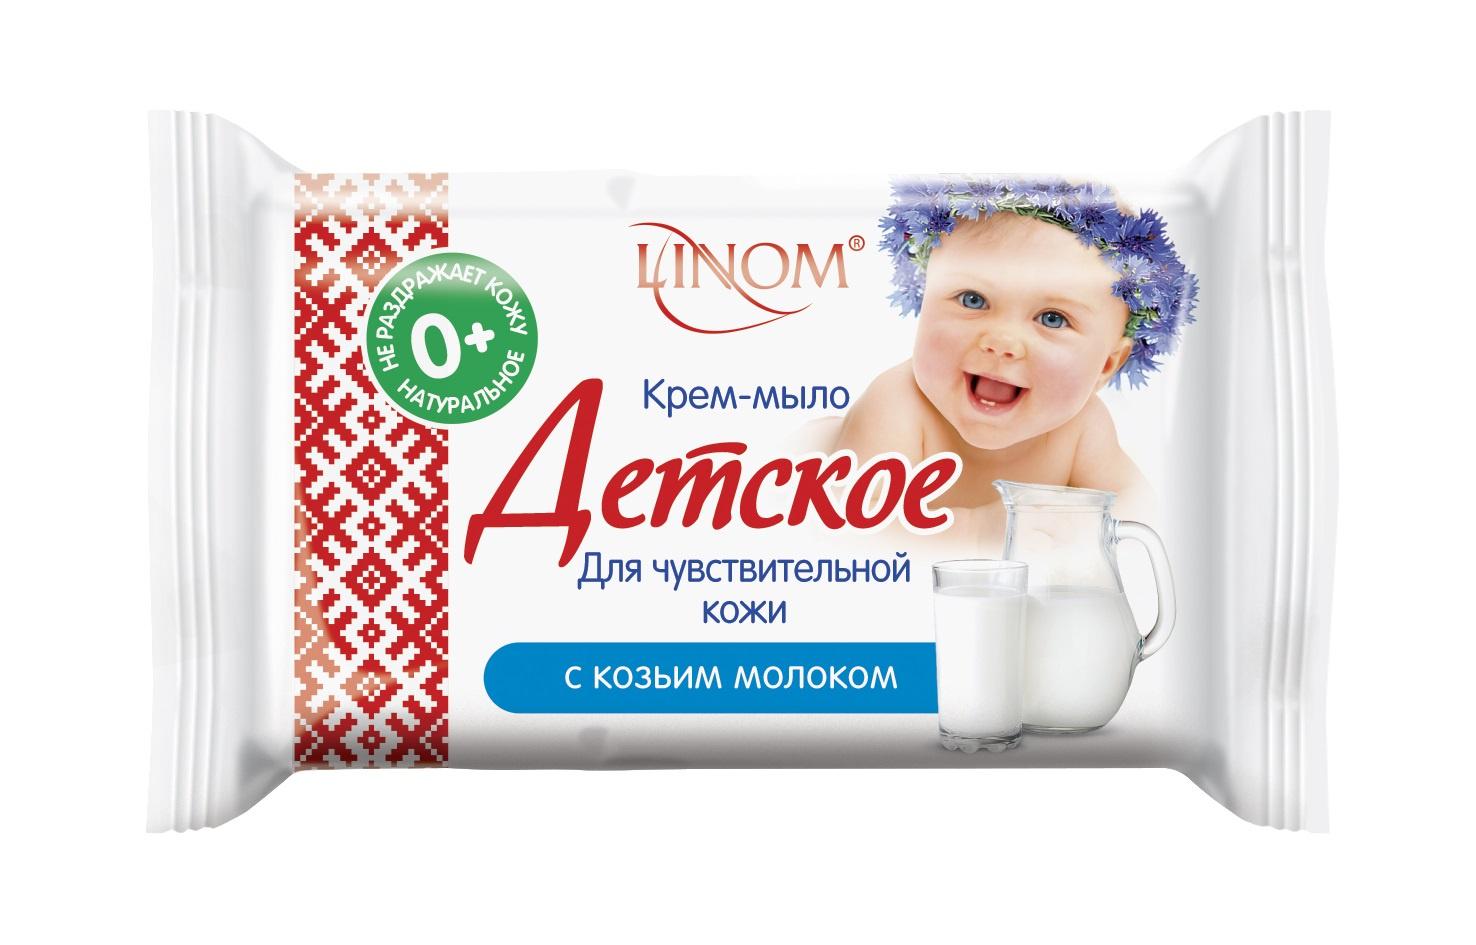 """Мыло туалетное LINOM(БЕЛАРУСЬ) """"Для чувствительной кожи"""" с козьим молоком. Детское. Натуральное."""